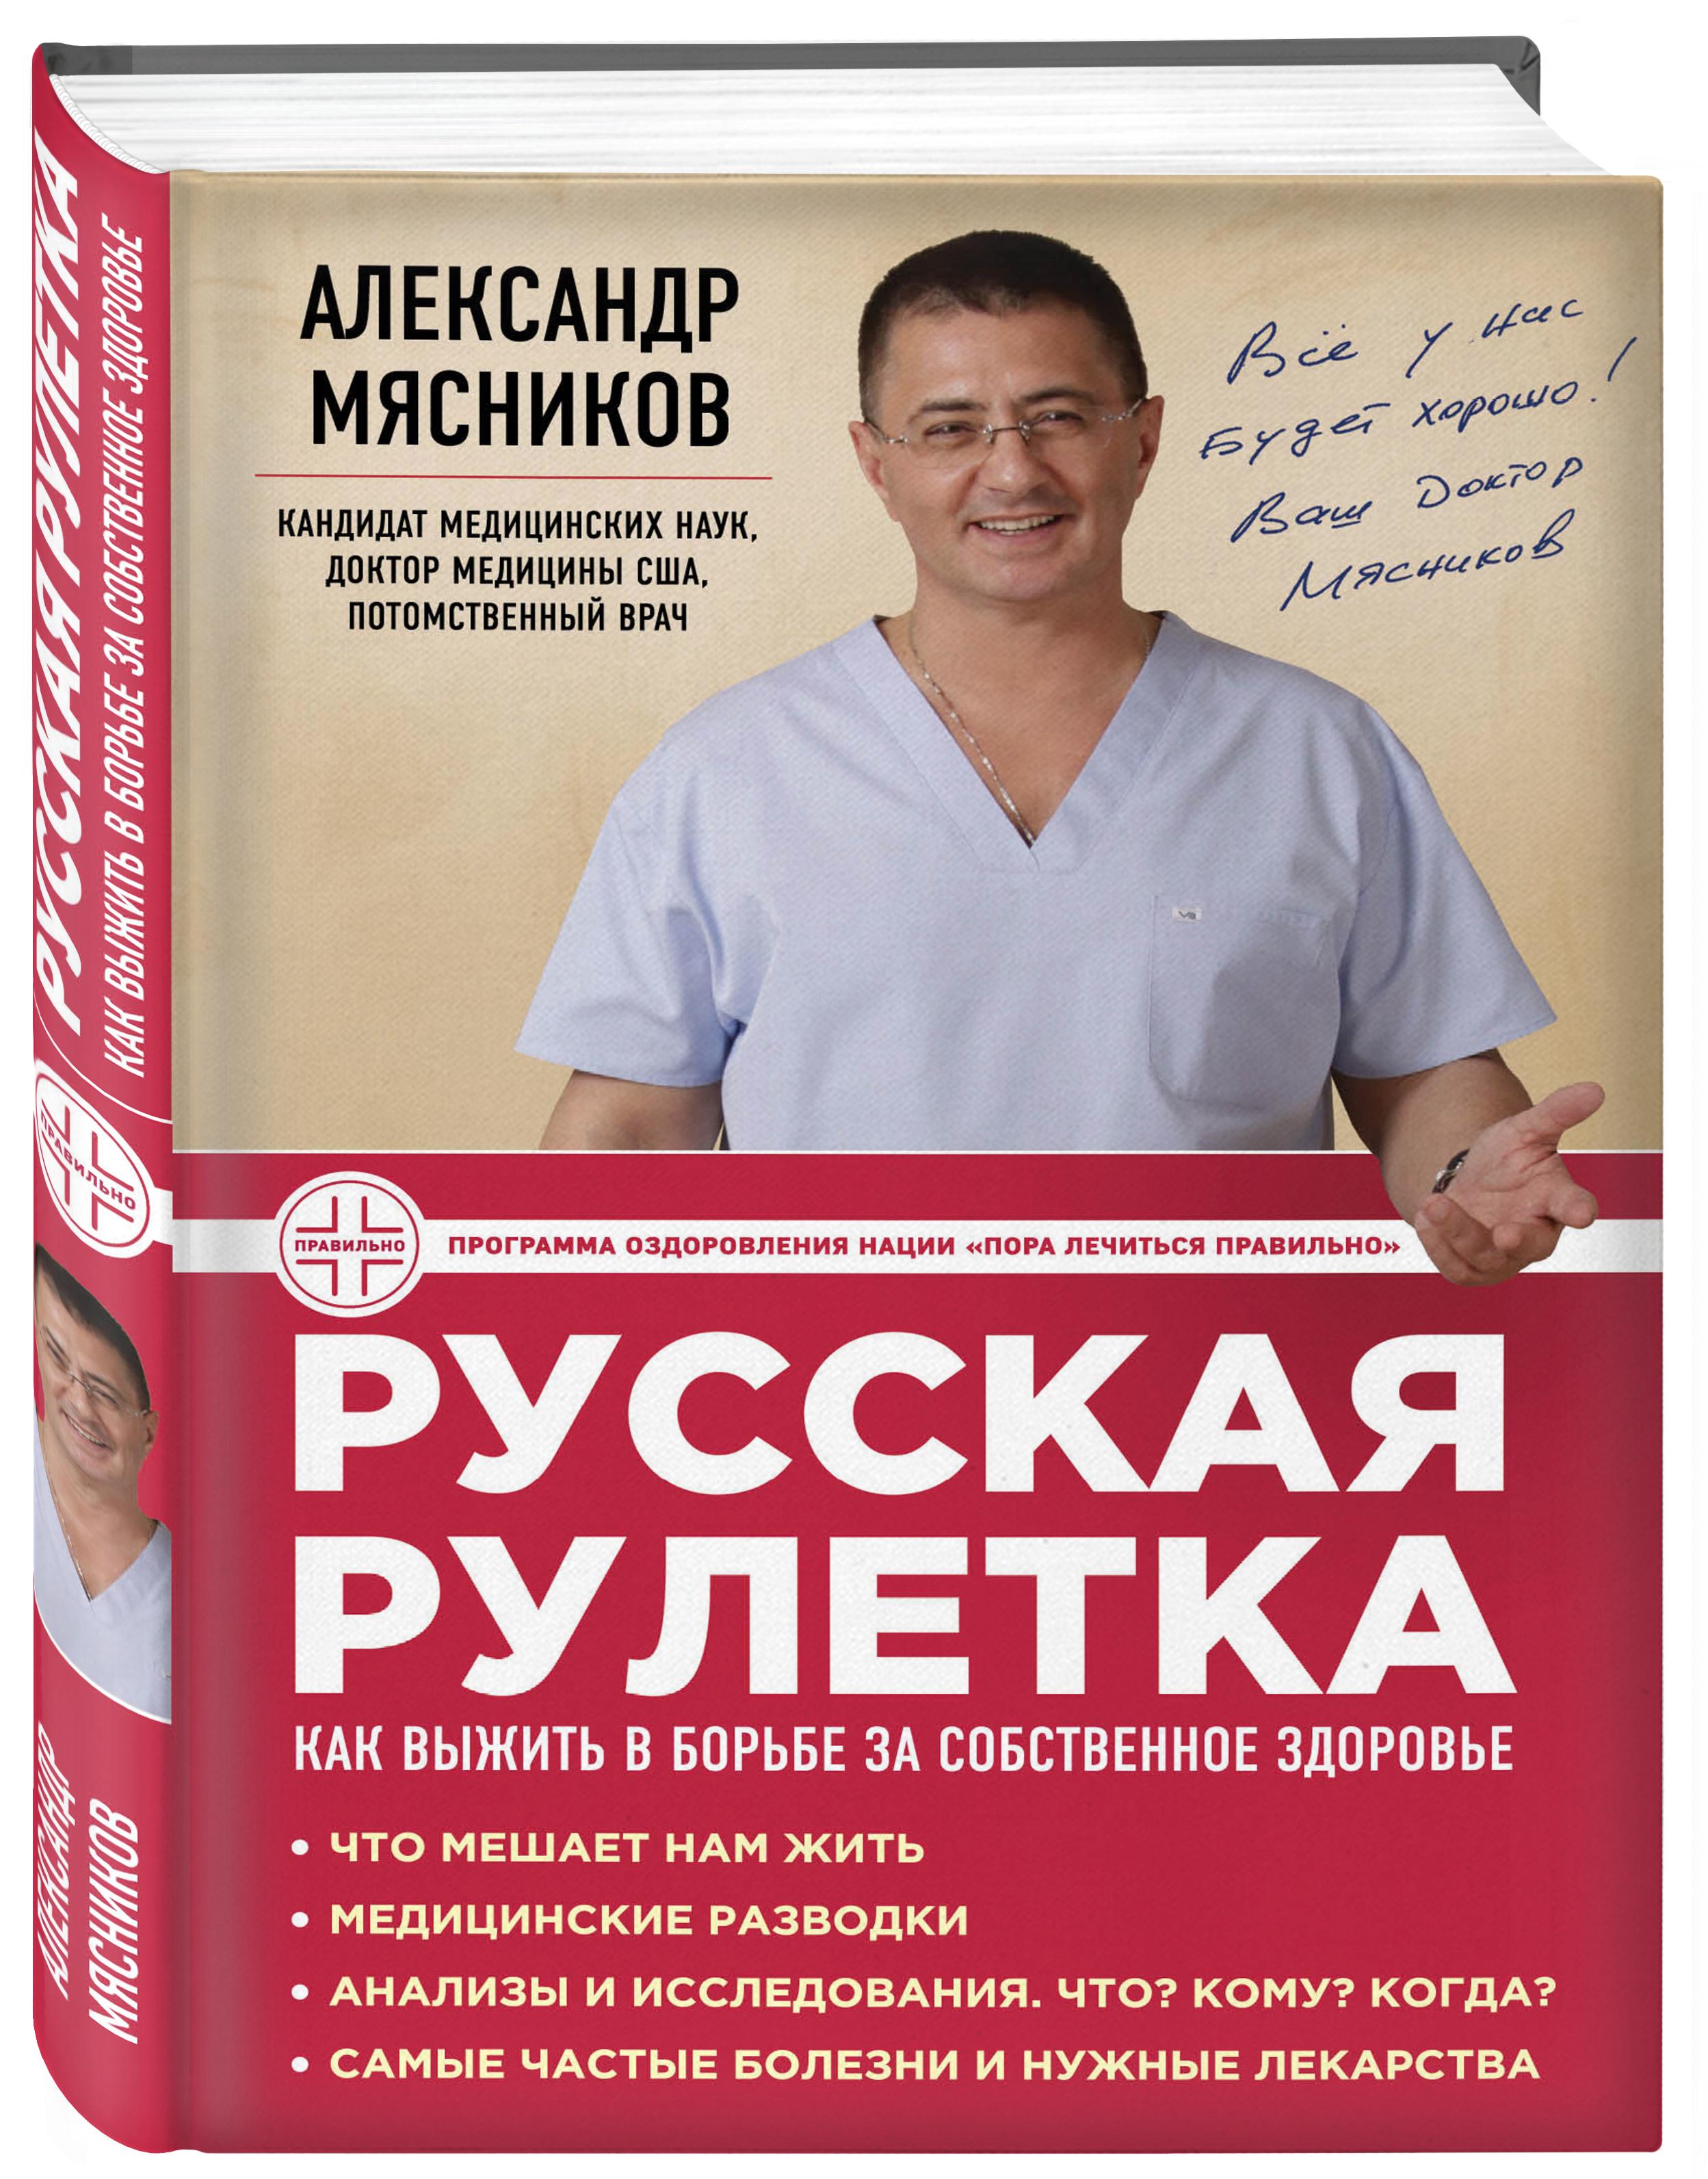 Мясников А.Л. Русская рулетка: Как выжить в борьбе за собственное здоровье